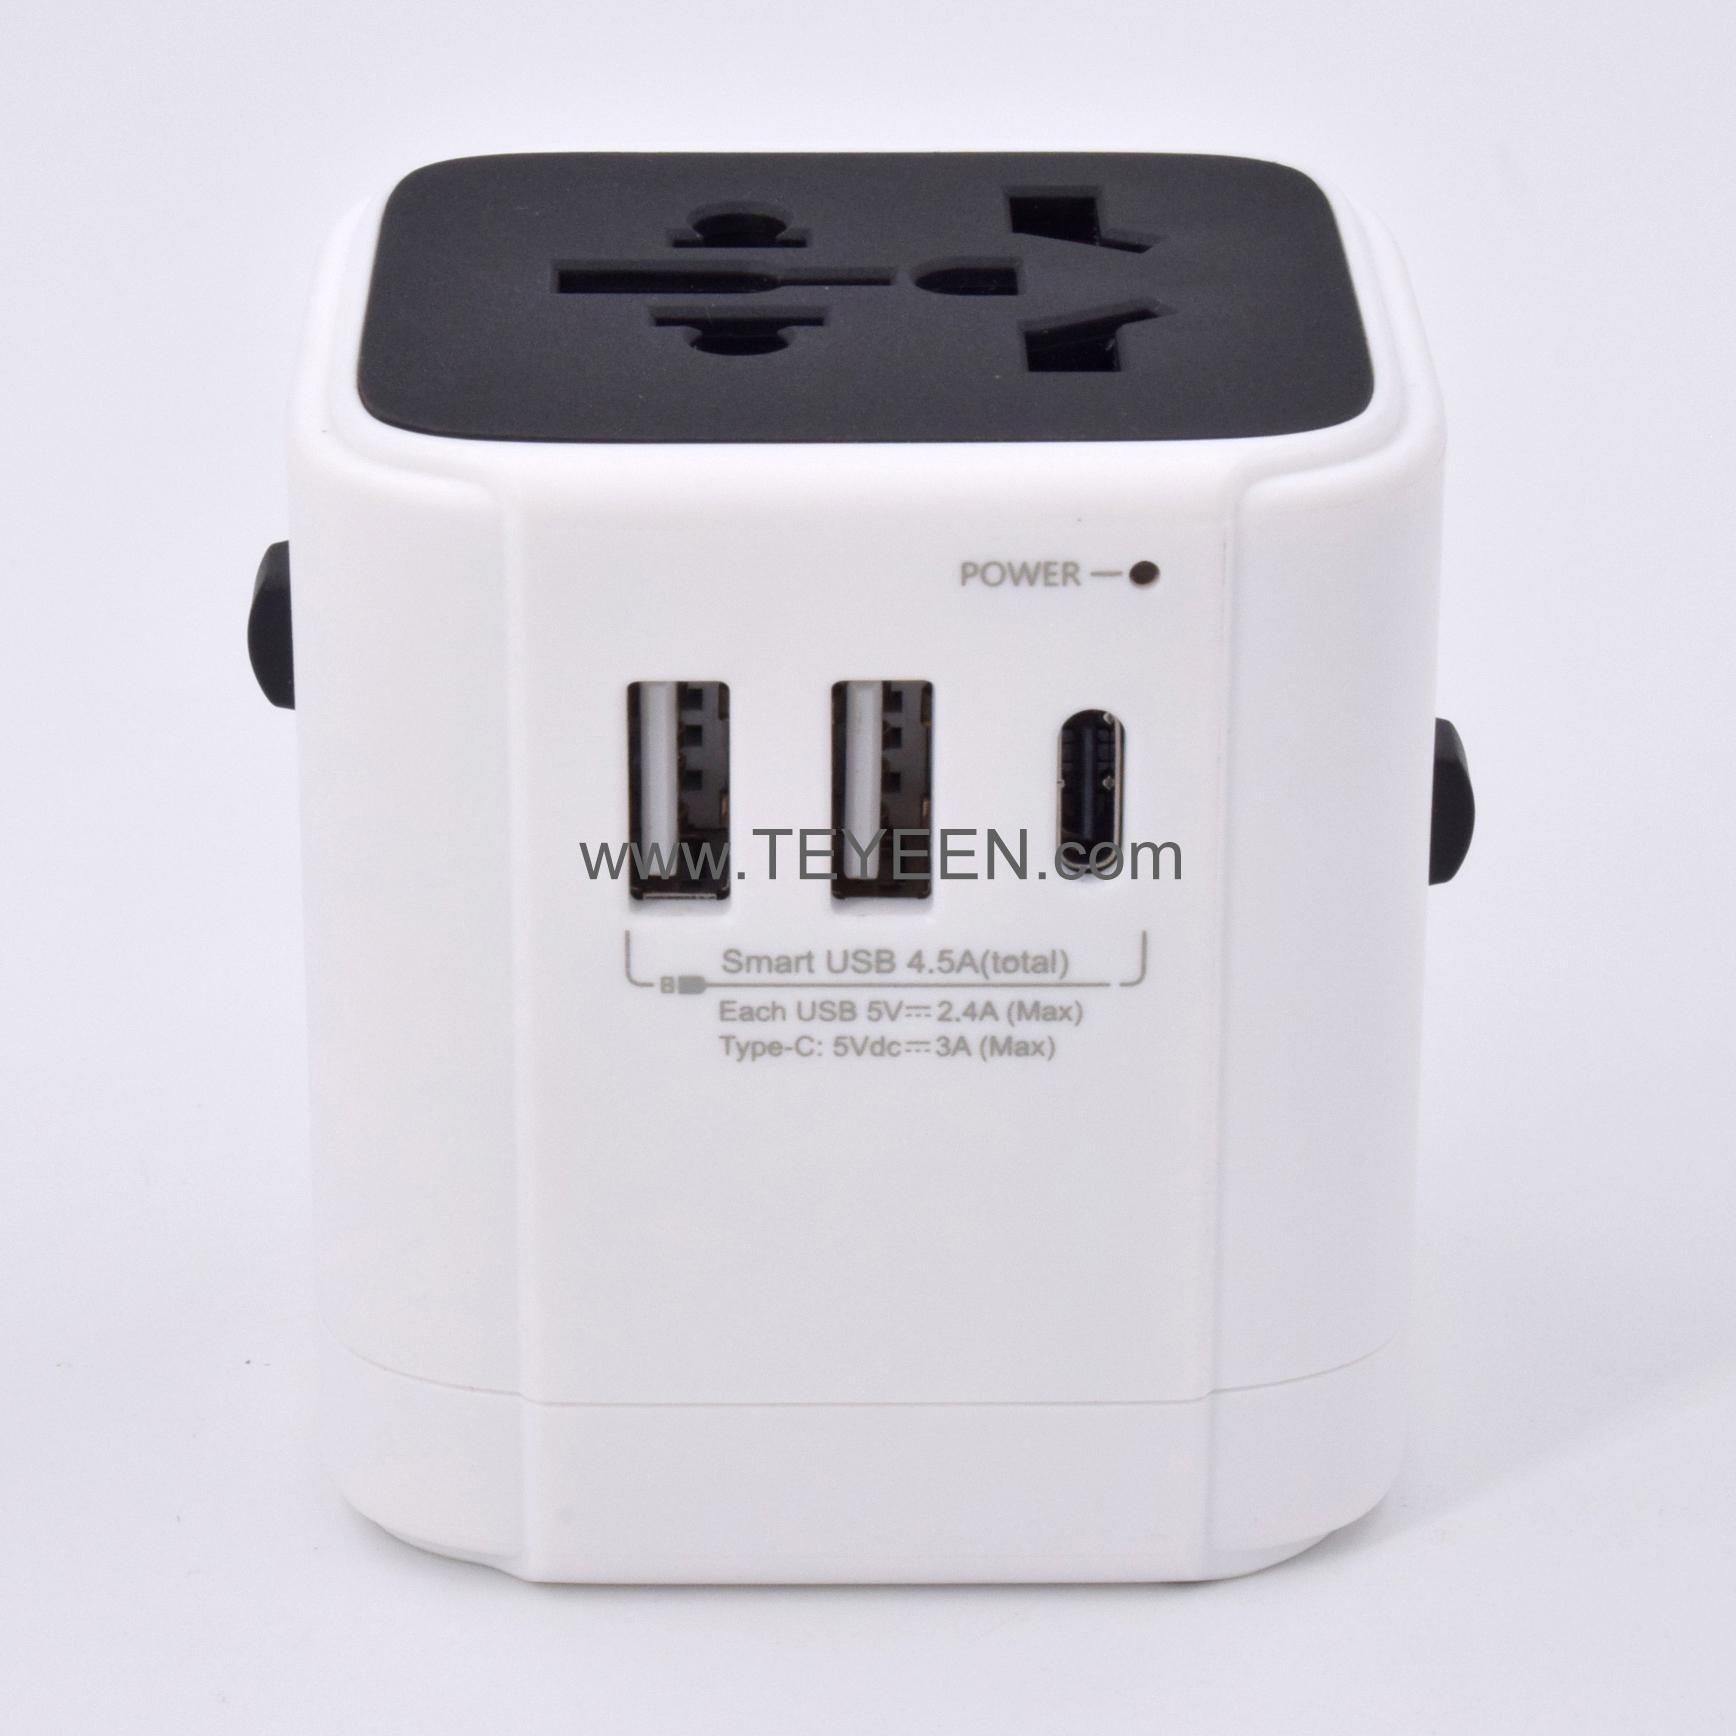 多國轉換插頭 帶Type-C充電接口 3